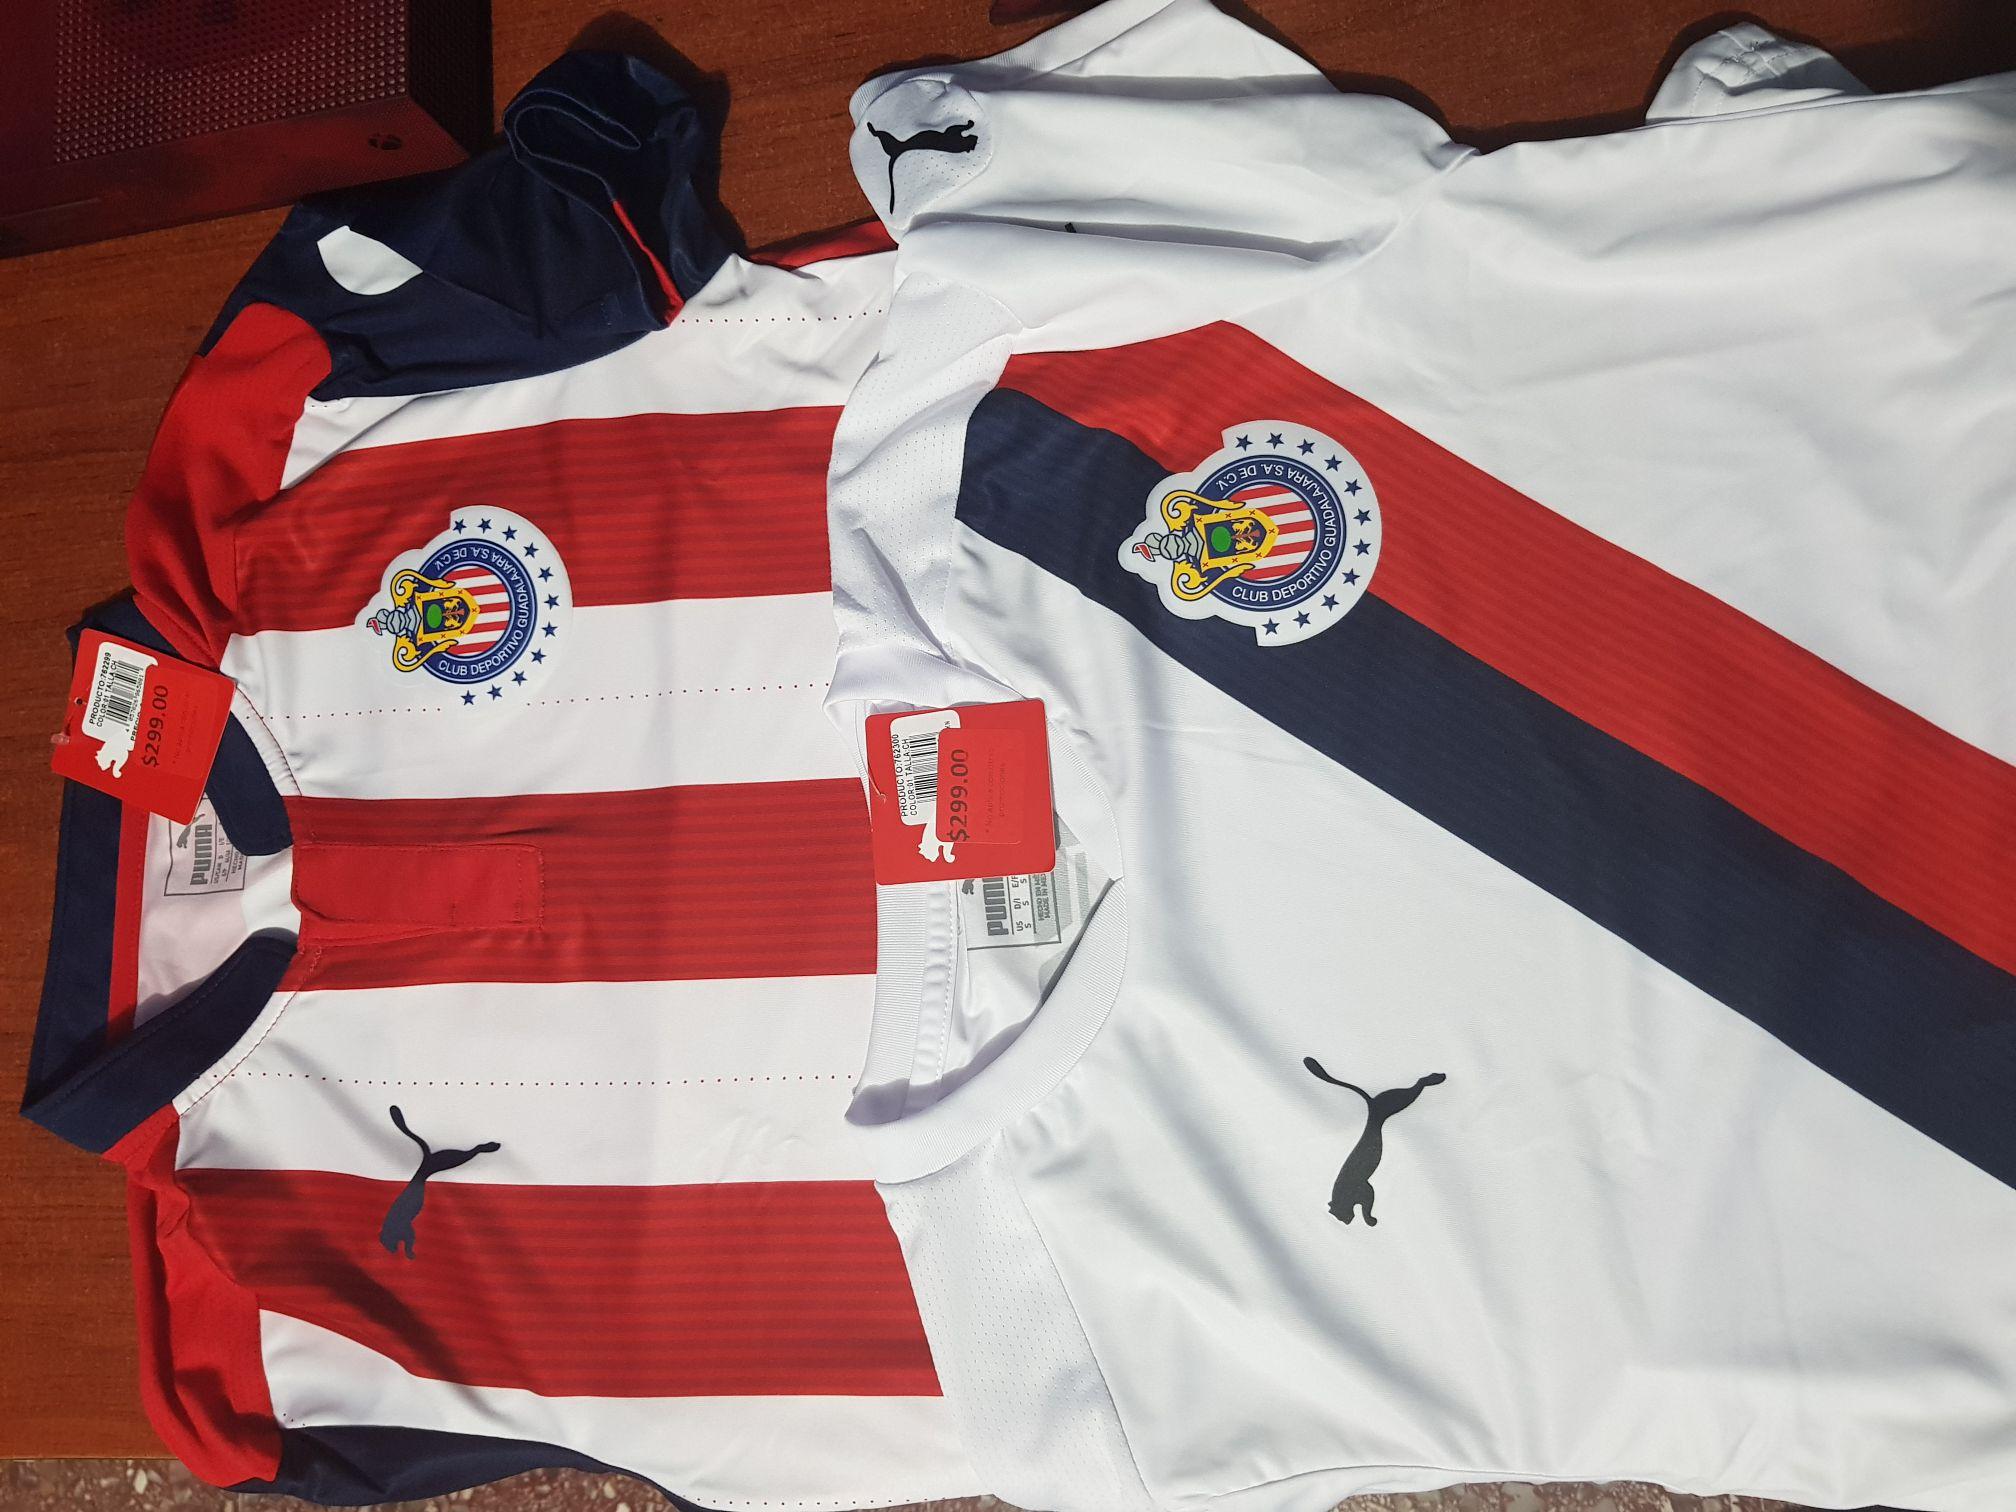 Puma forum cuernavaca:  jersey de las chivas en $299